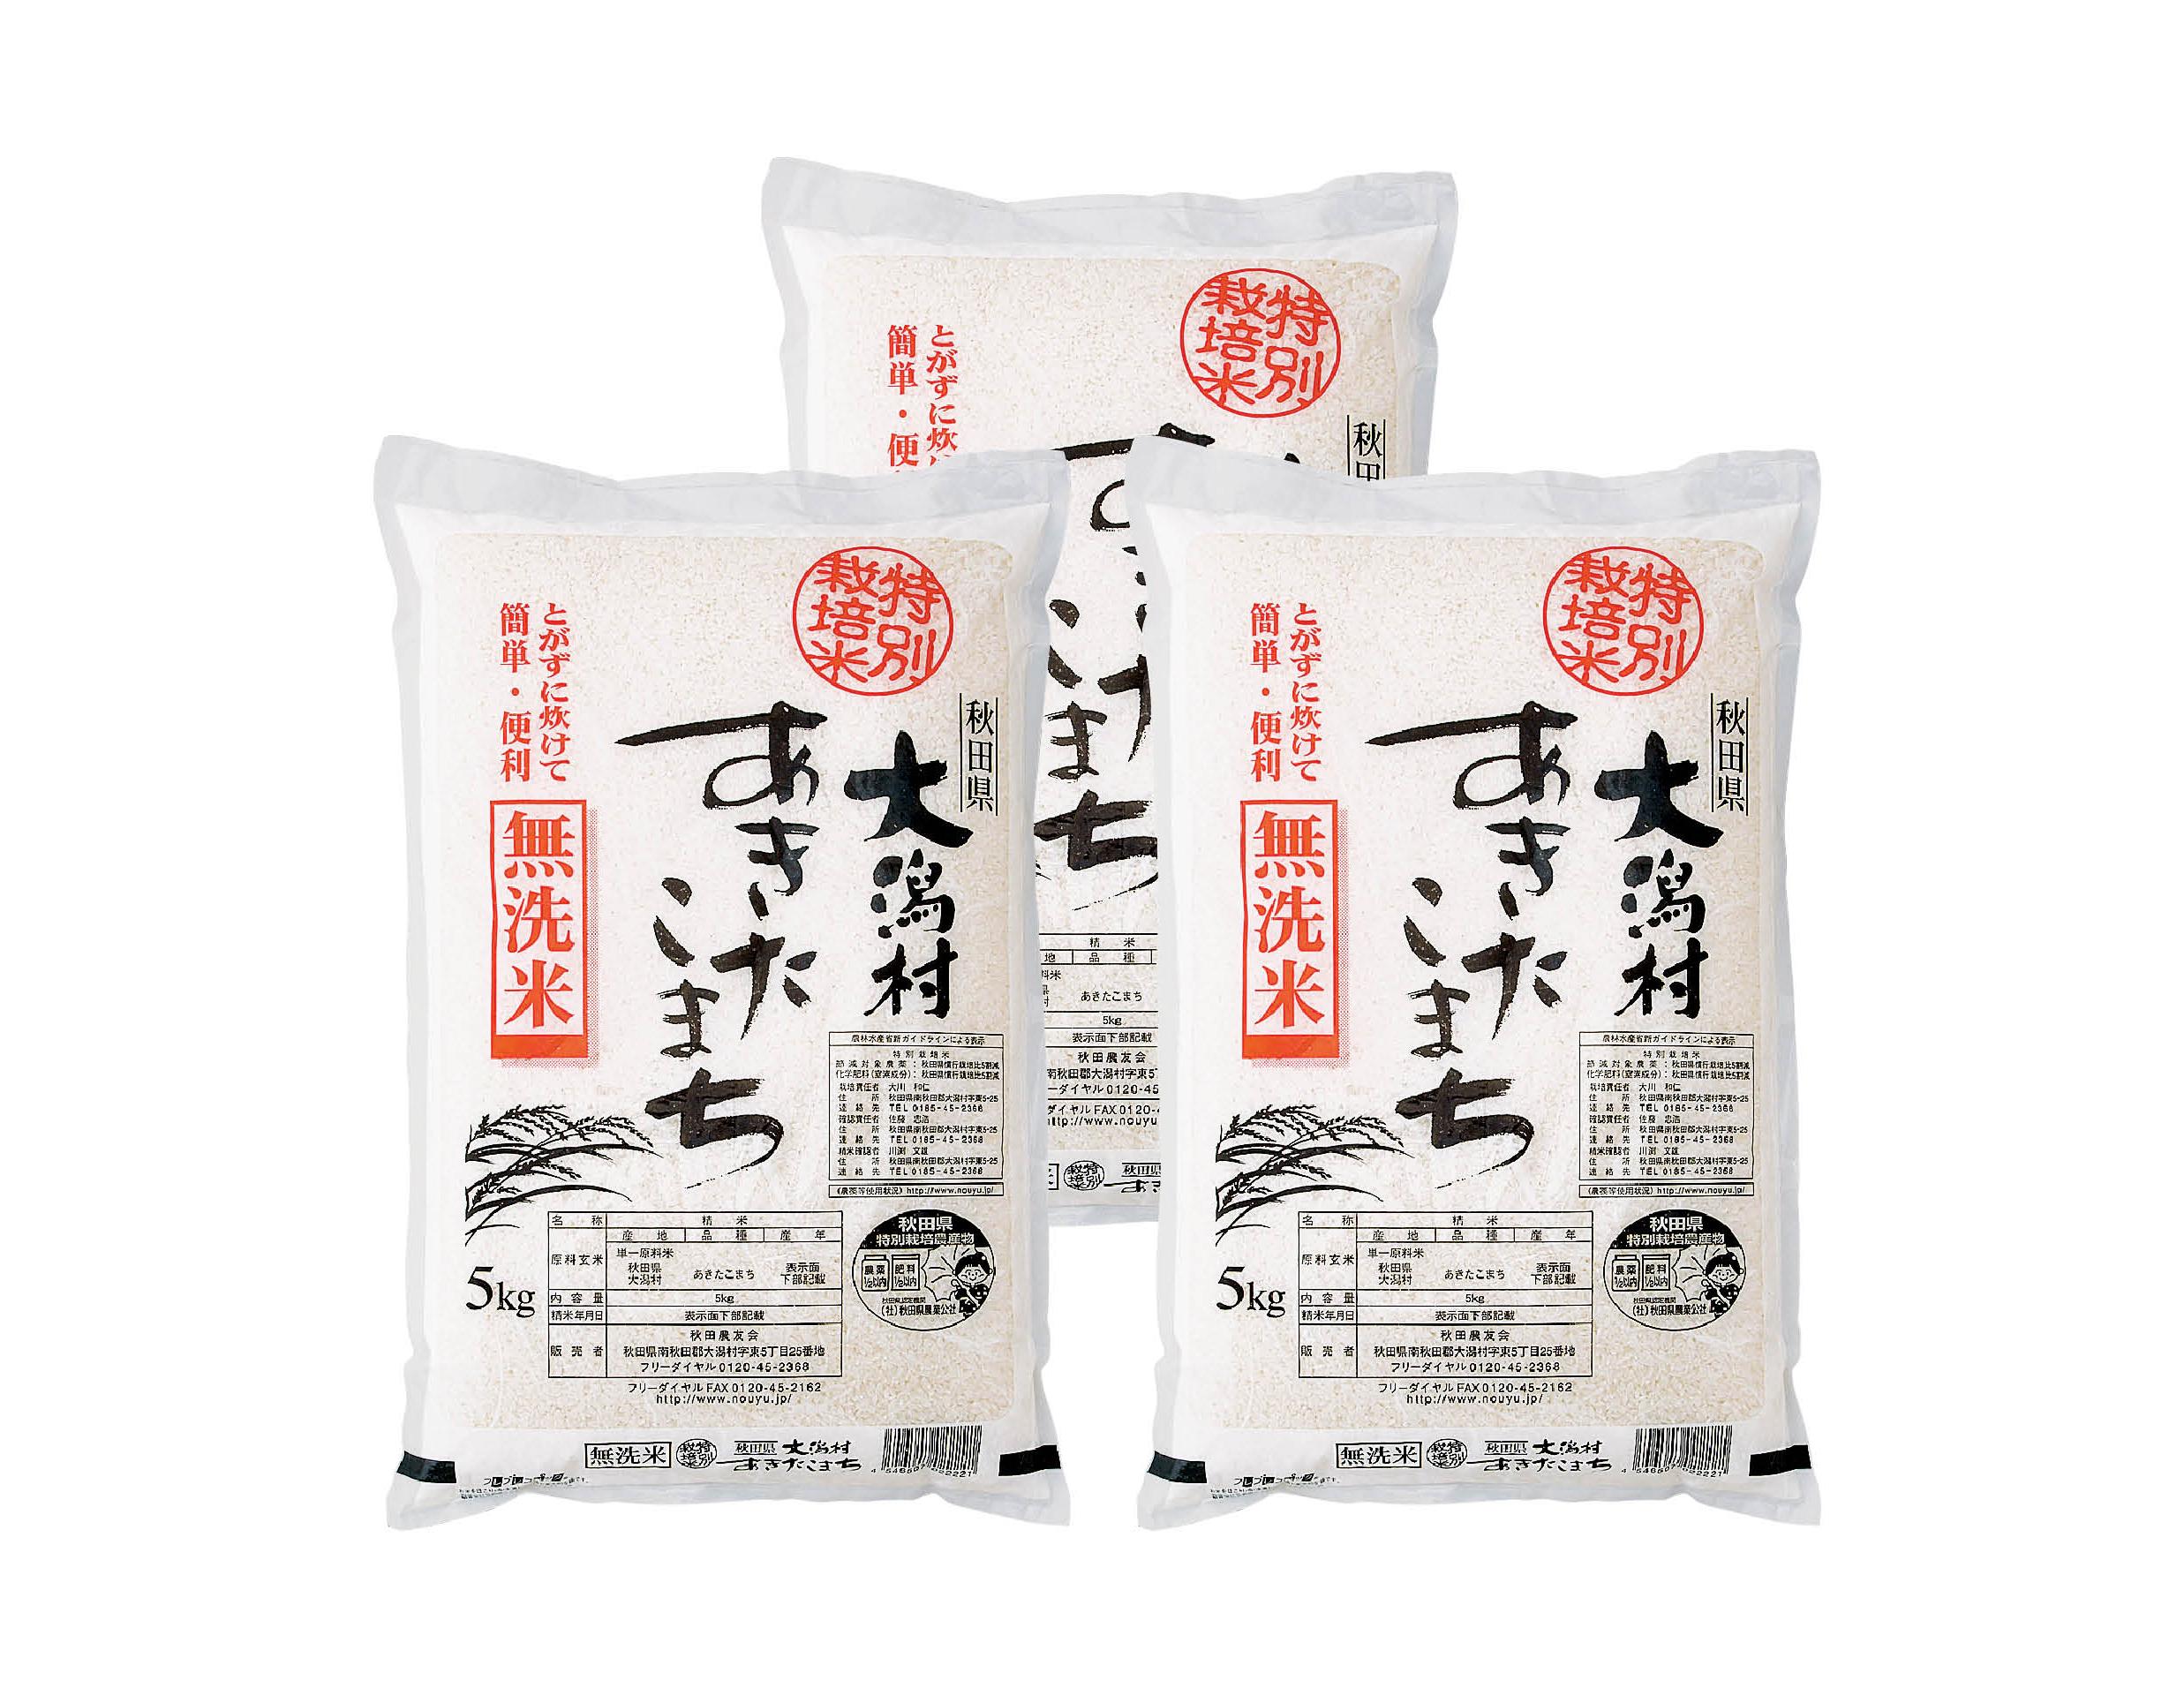 【秋田県】秋田県大潟村産 特別栽培米あきたこまち(無洗米)15kg